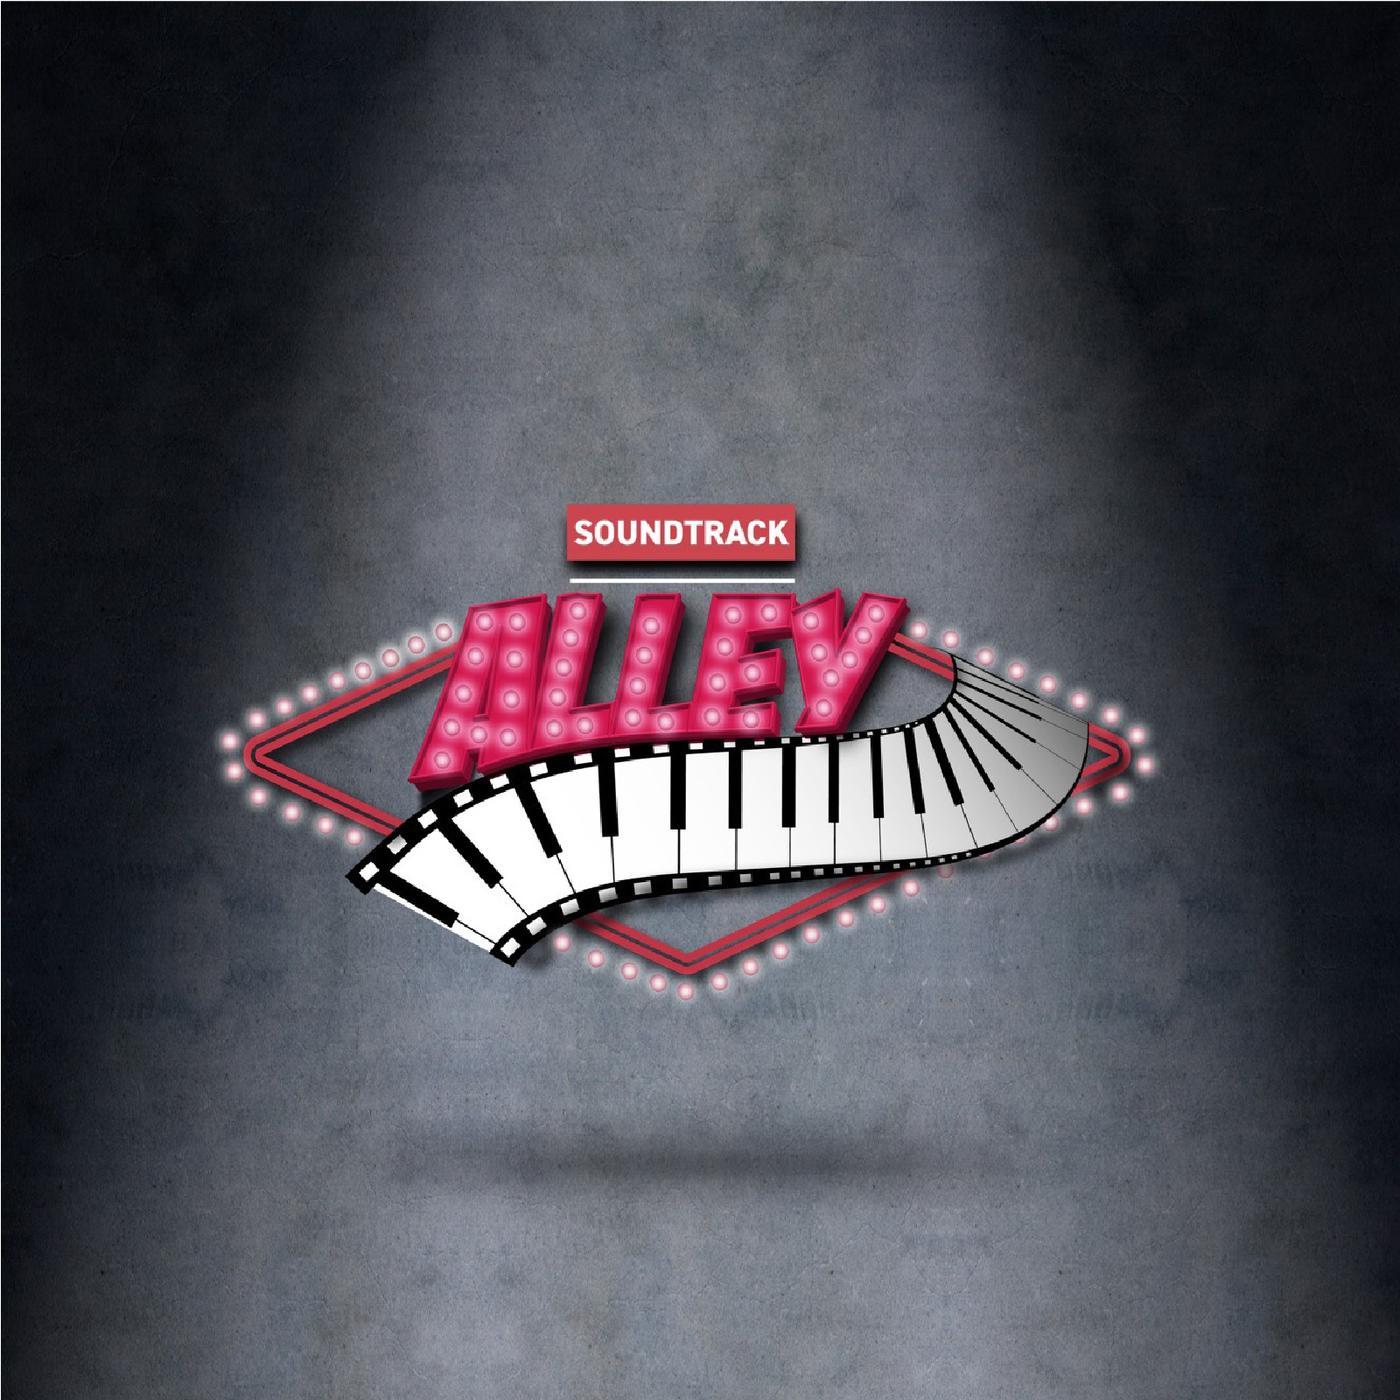 Soundtrack Alley Spotlight (podcast